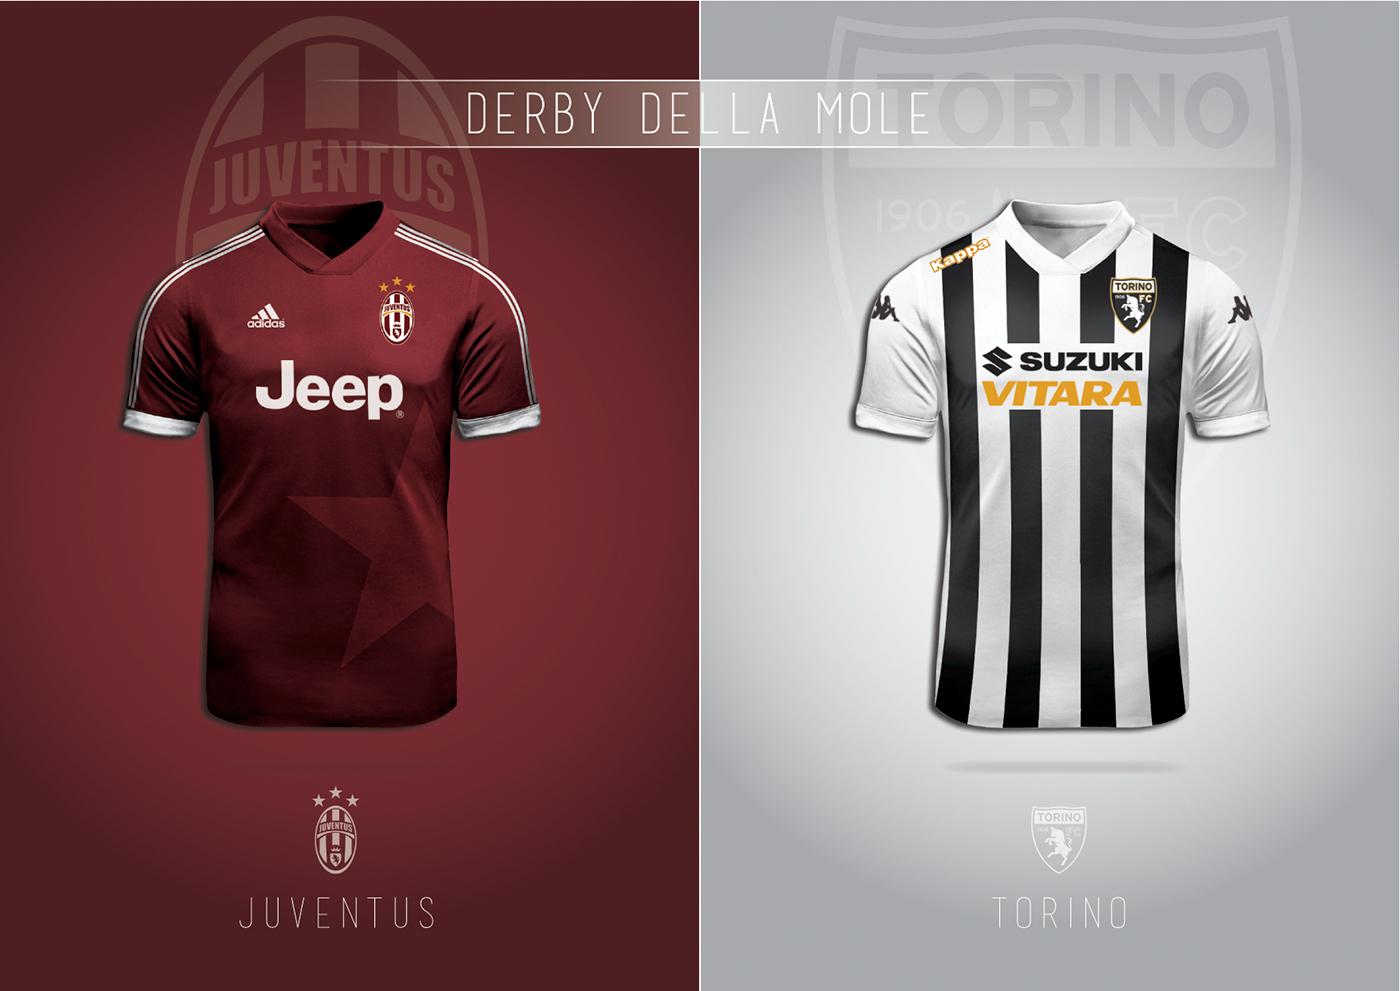 0b54bcffb0 Designer idealiza camisas com as cores de clubes rivais - Show de ...